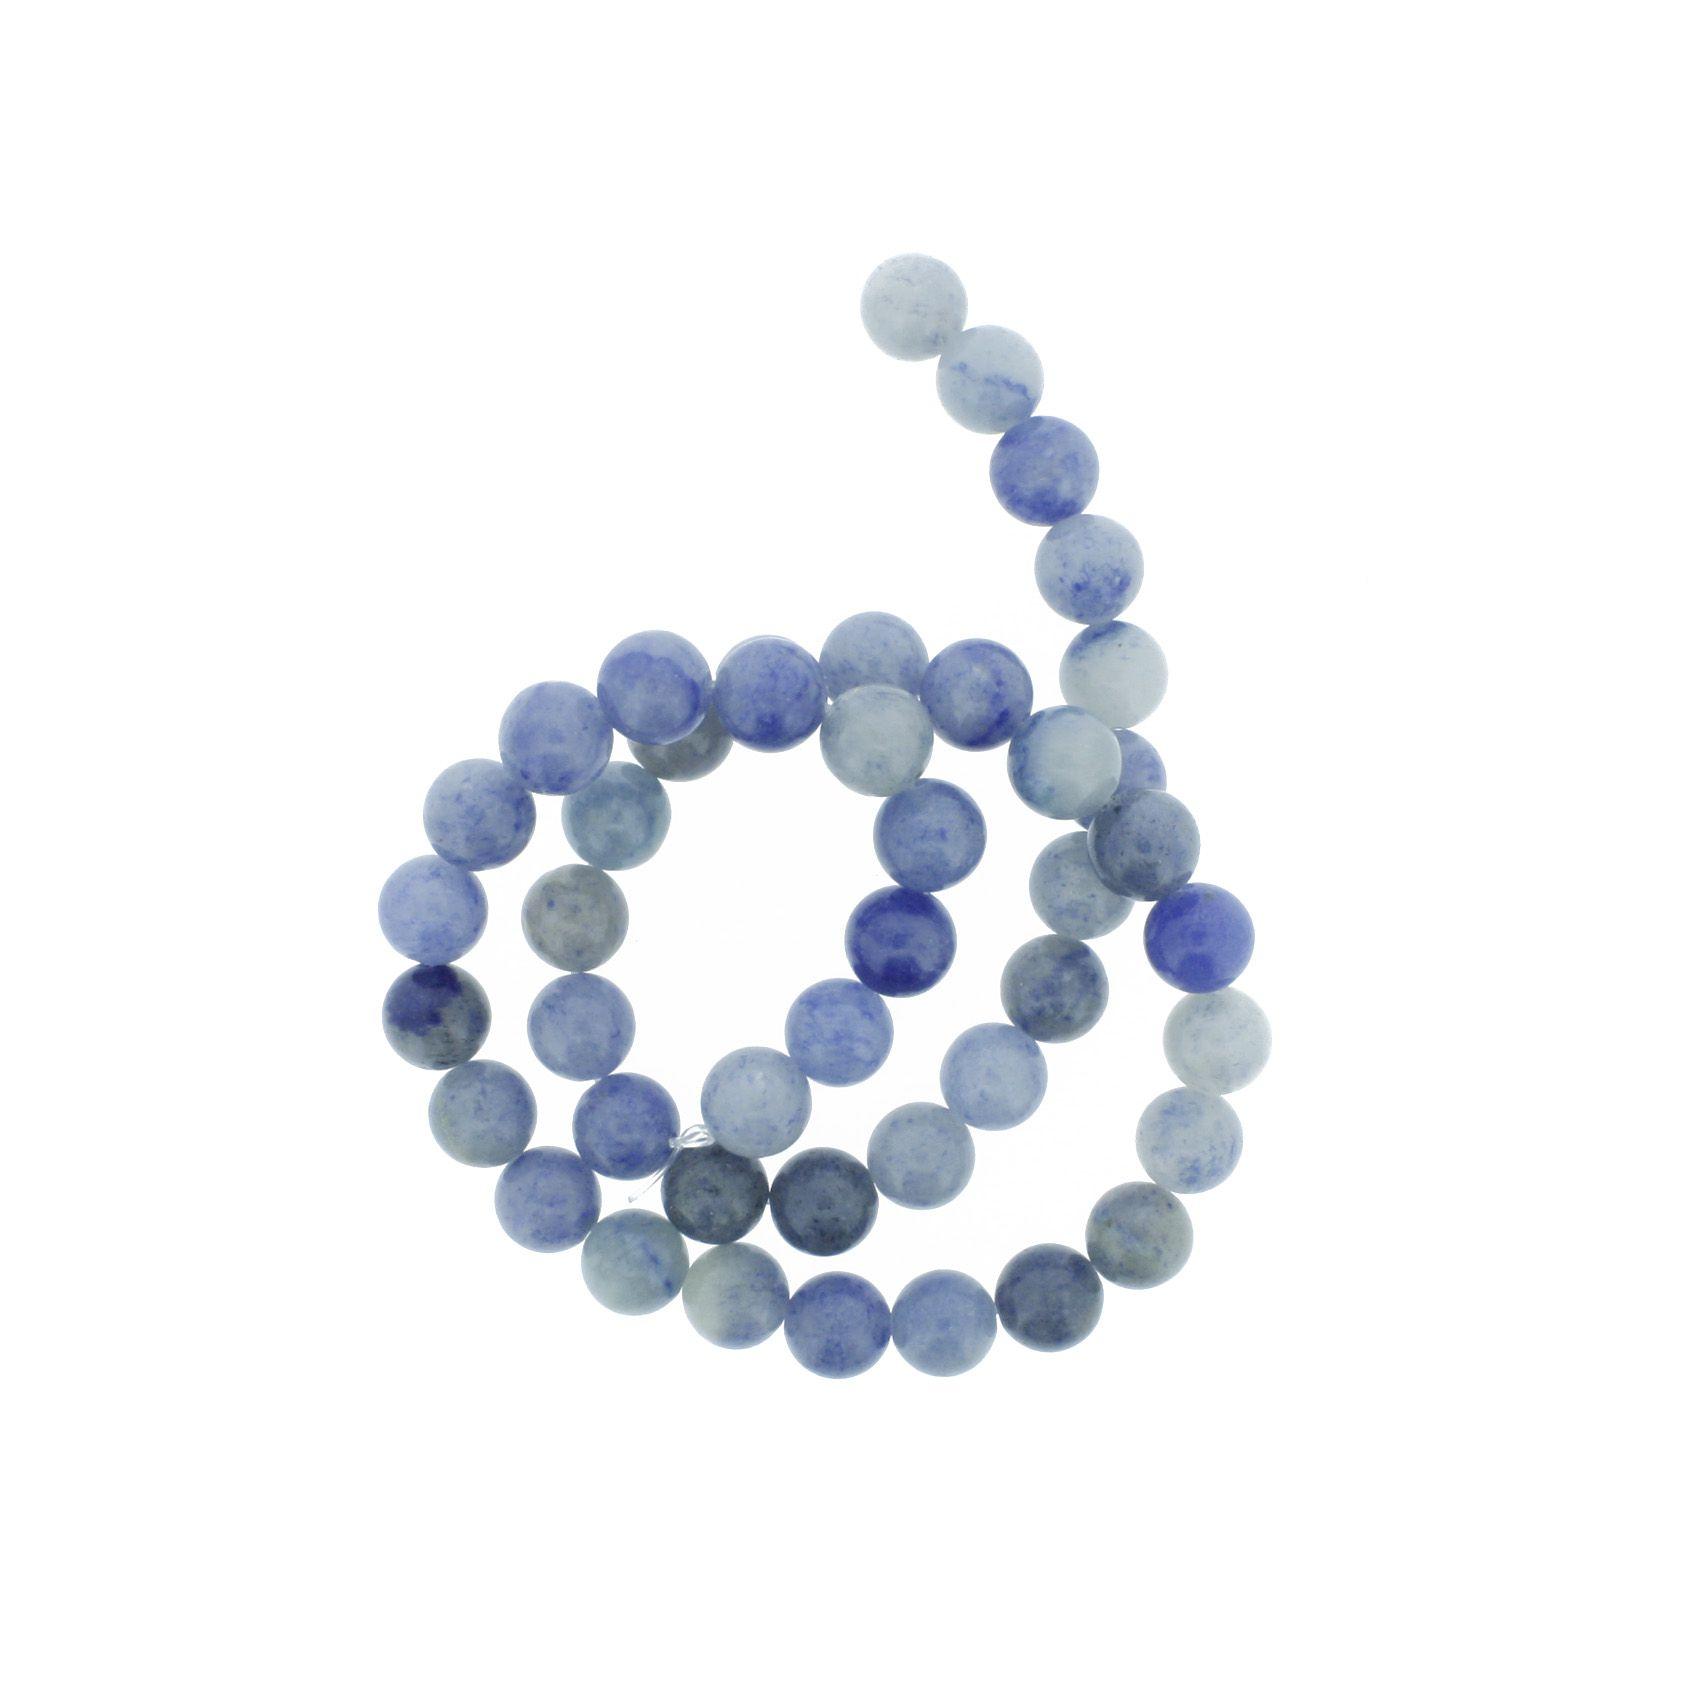 Fio de Pedra - Pietra® - Sodalita - 8mm  - Universo Religioso® - Artigos de Umbanda e Candomblé